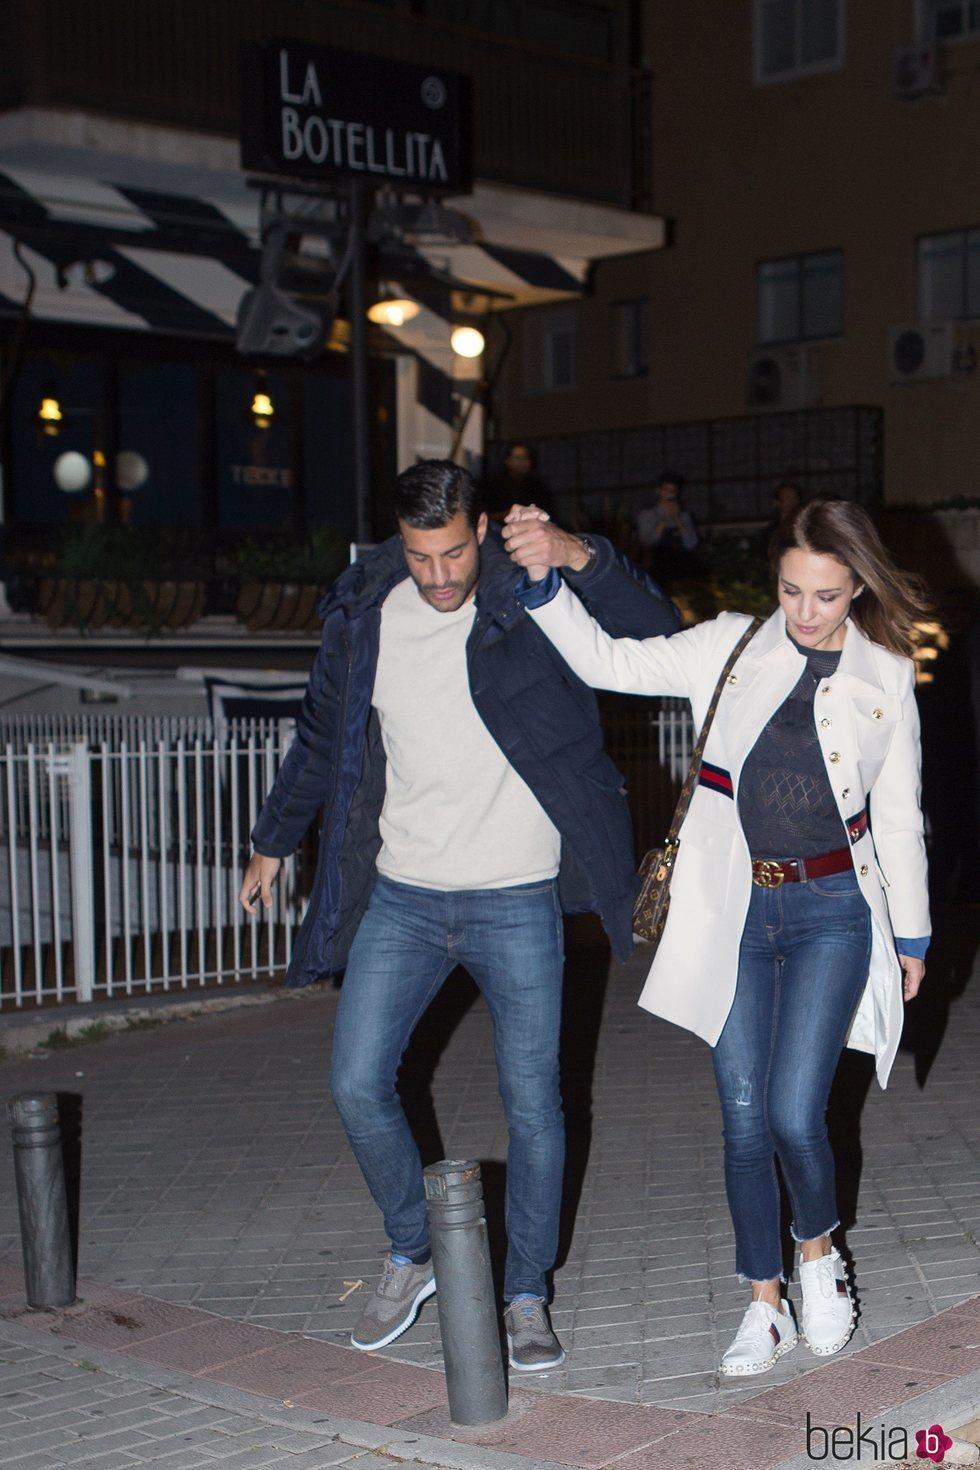 Paula Echevarría y Miguel Torres pasean su amor agarrados de la mano